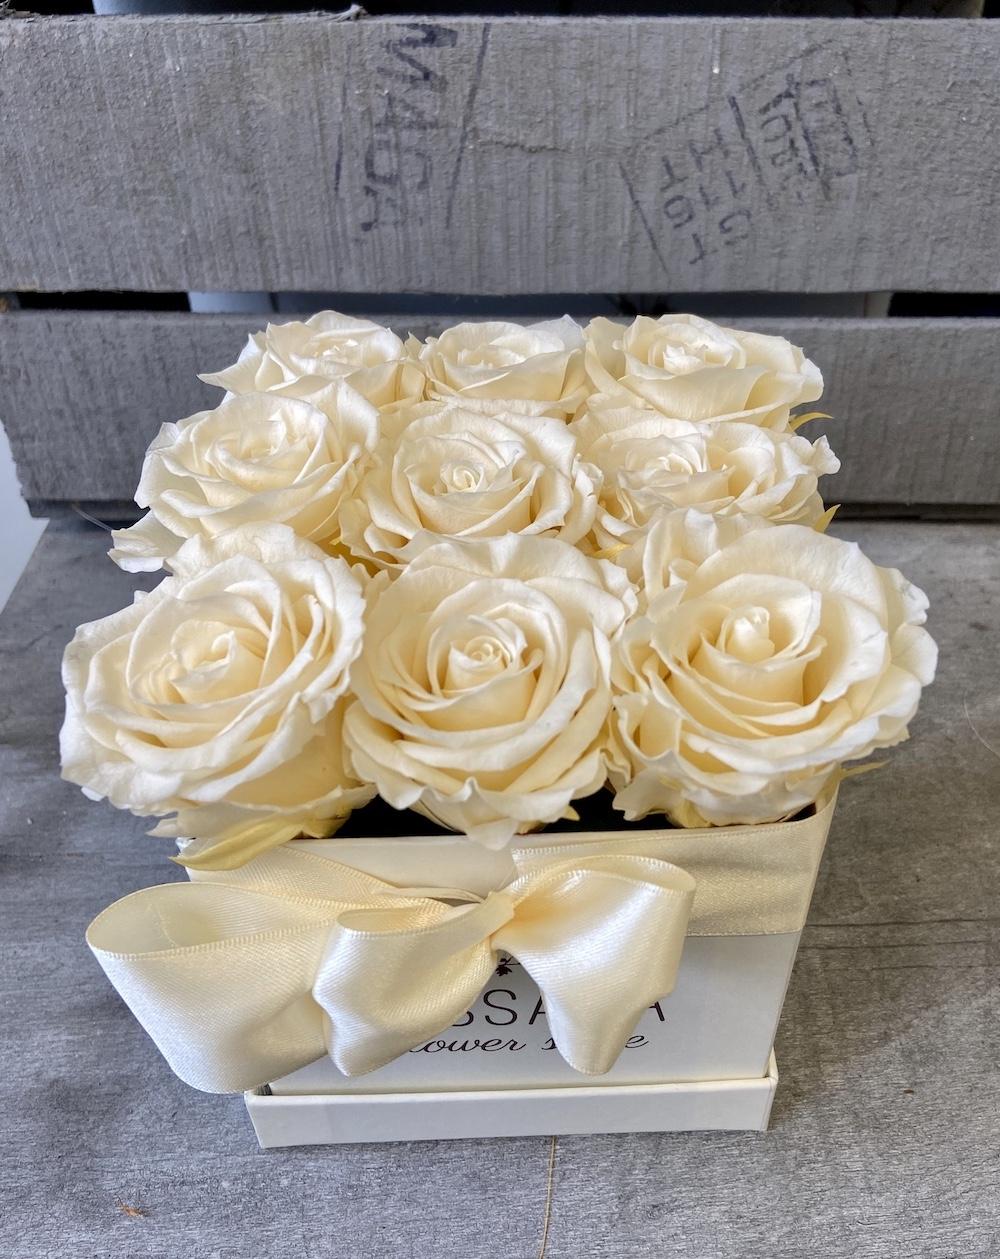 avorio flower box rose stabilizzate florashopping Rossana flower store NovellinoIMG_0763